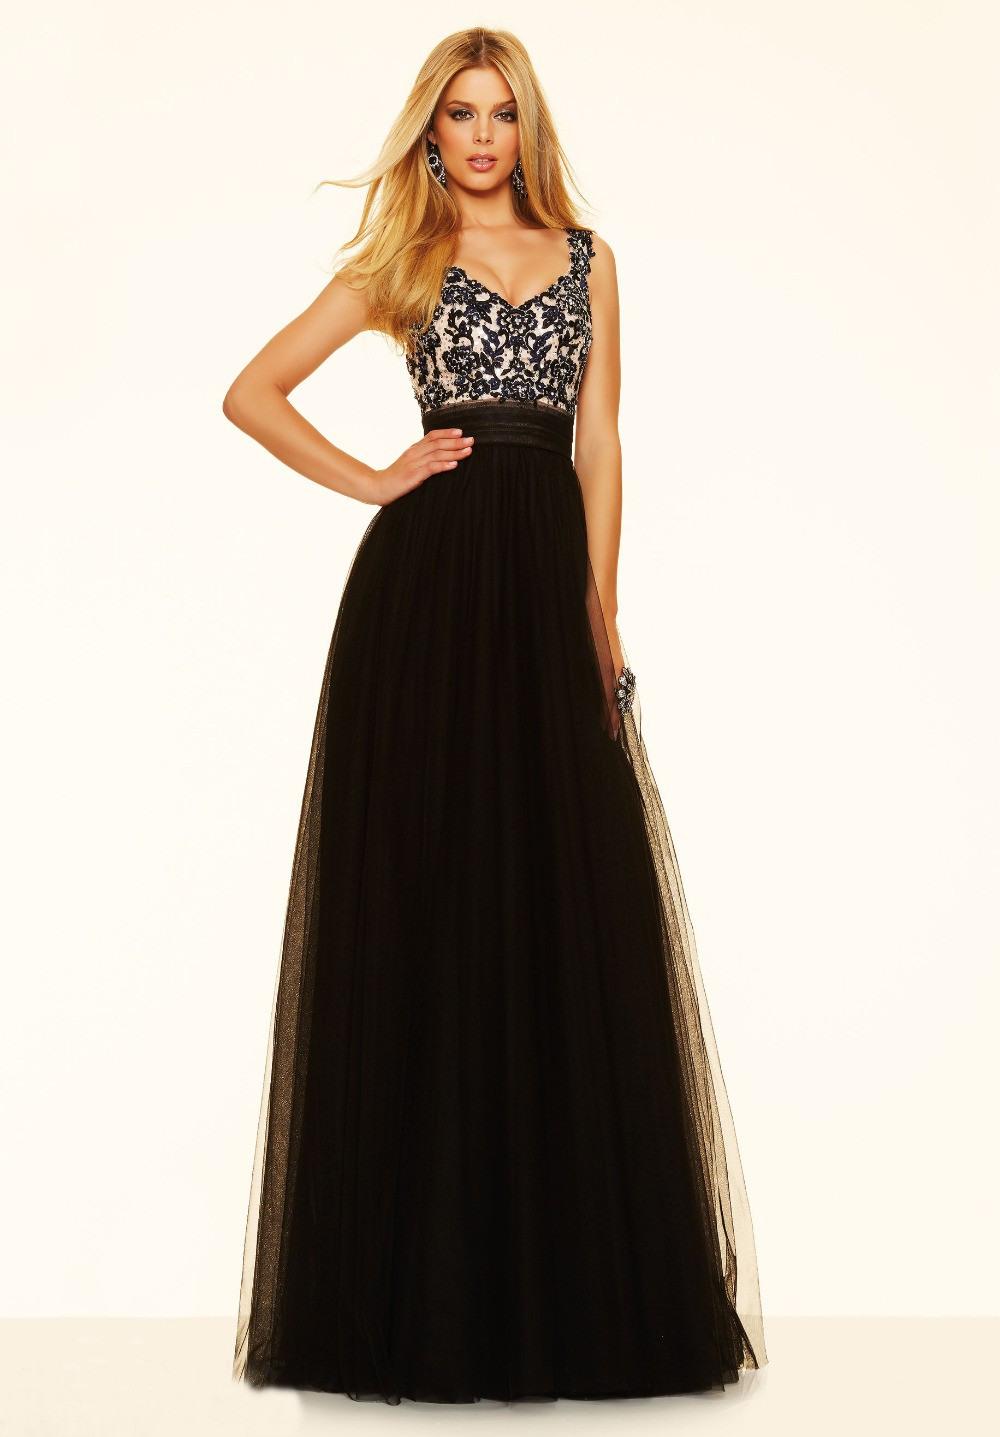 Abend Coolste Abendkleid Online Vertrieb17 Einzigartig Abendkleid Online Vertrieb